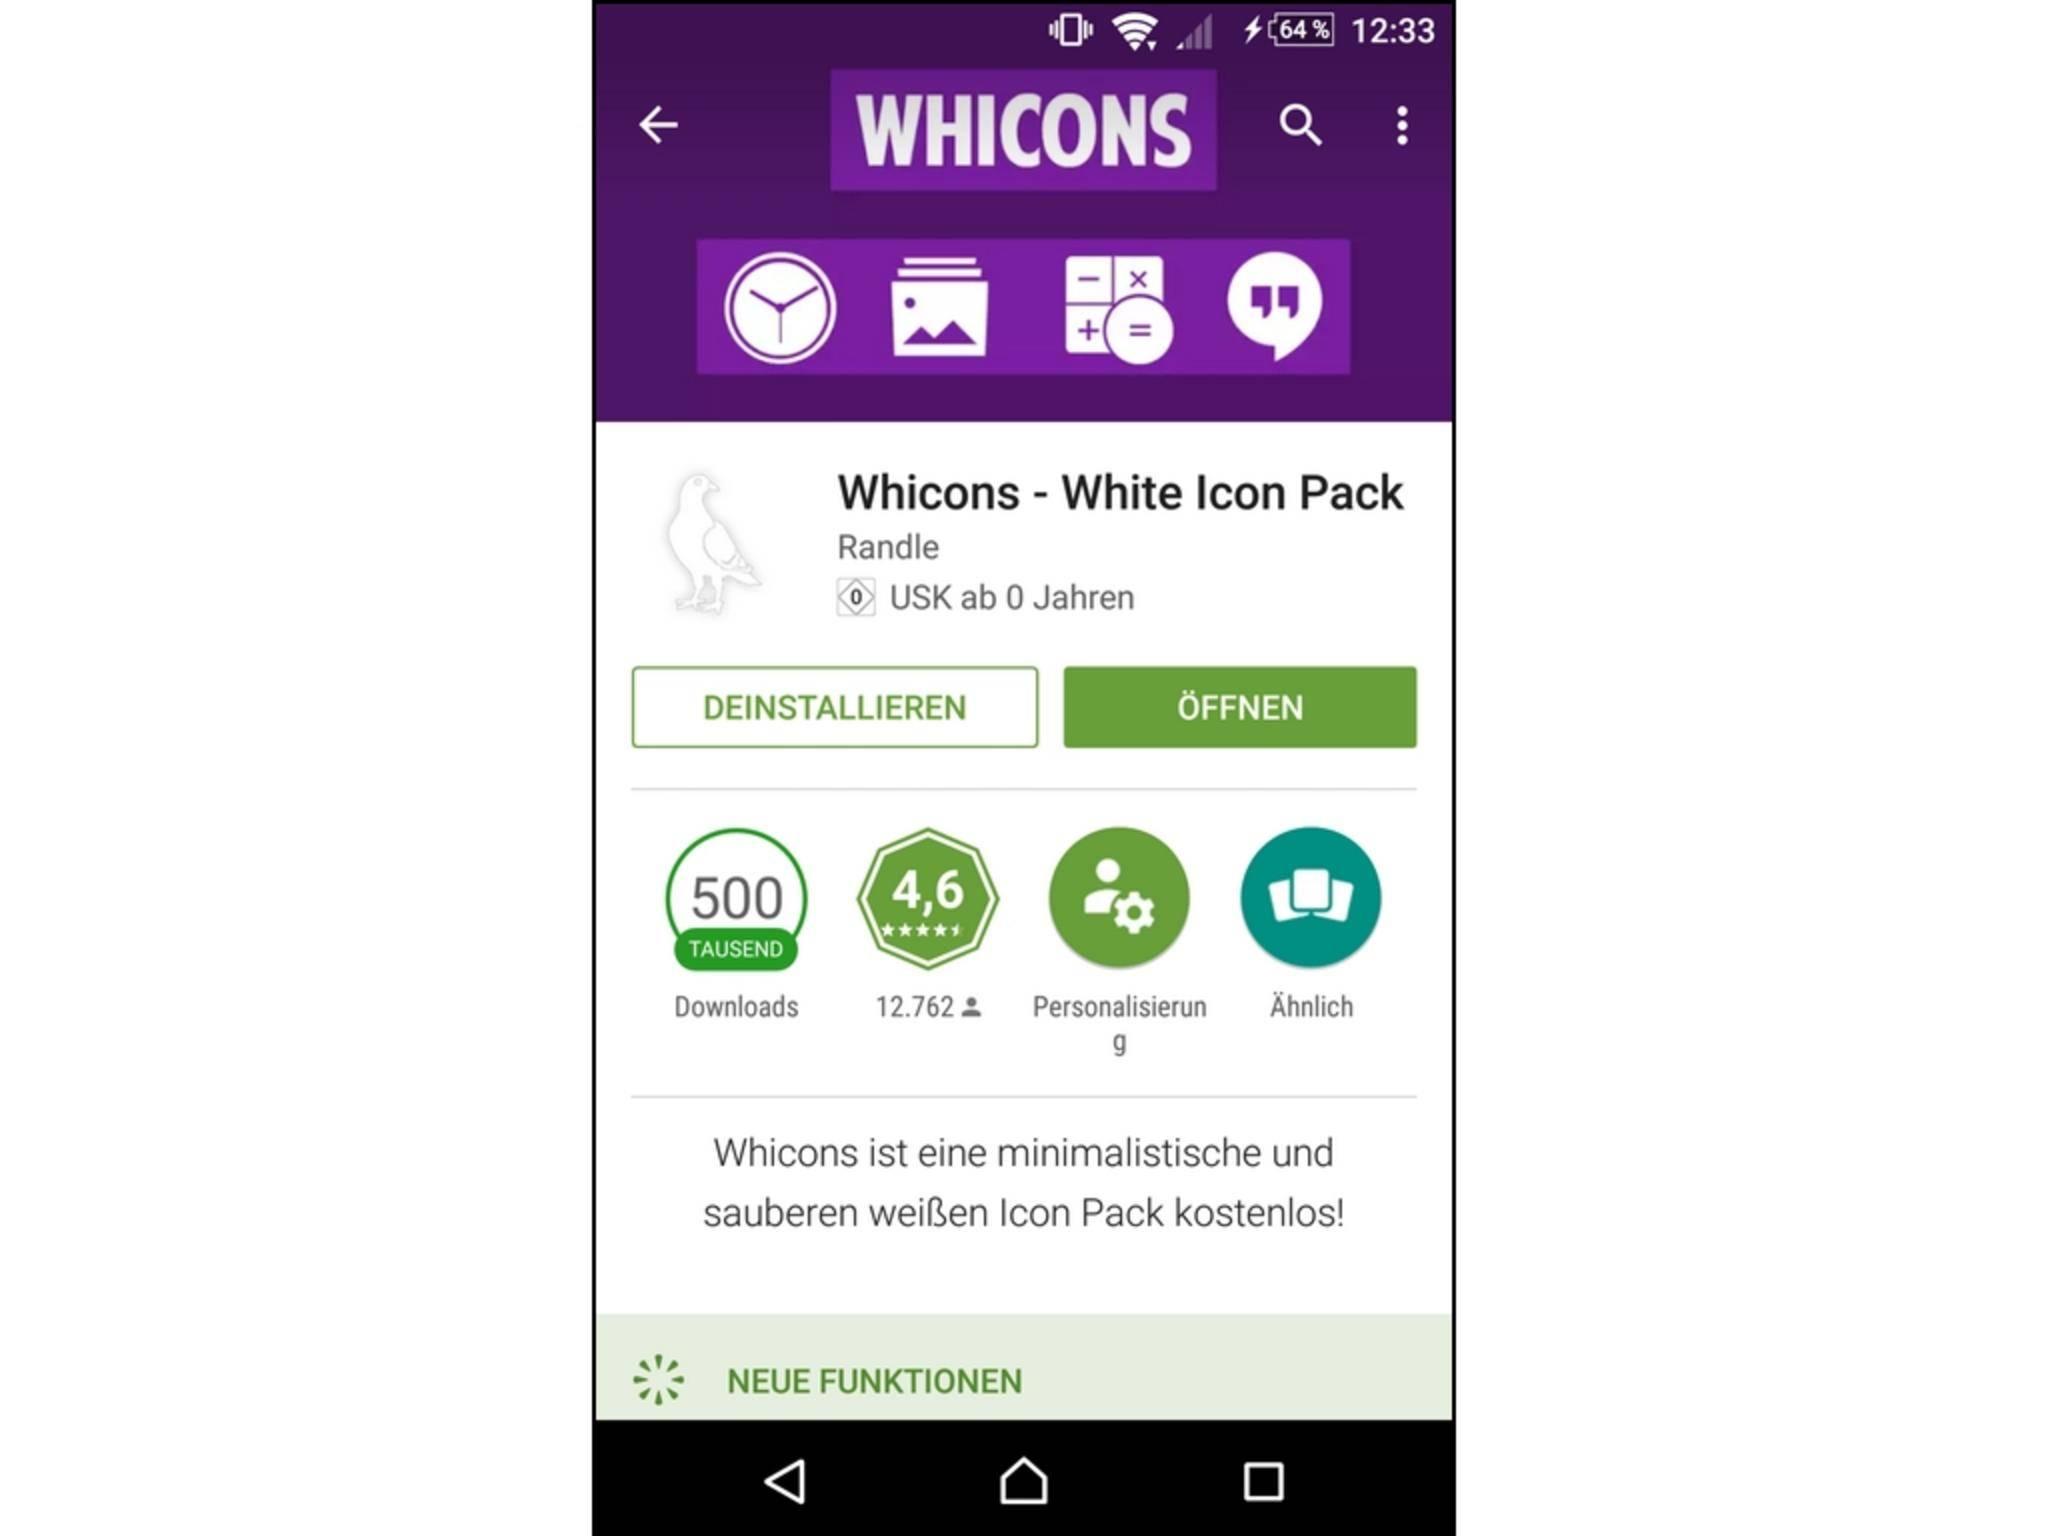 Das Icon-Pack wird direkt aus dem Google Play Store heruntergeladen.